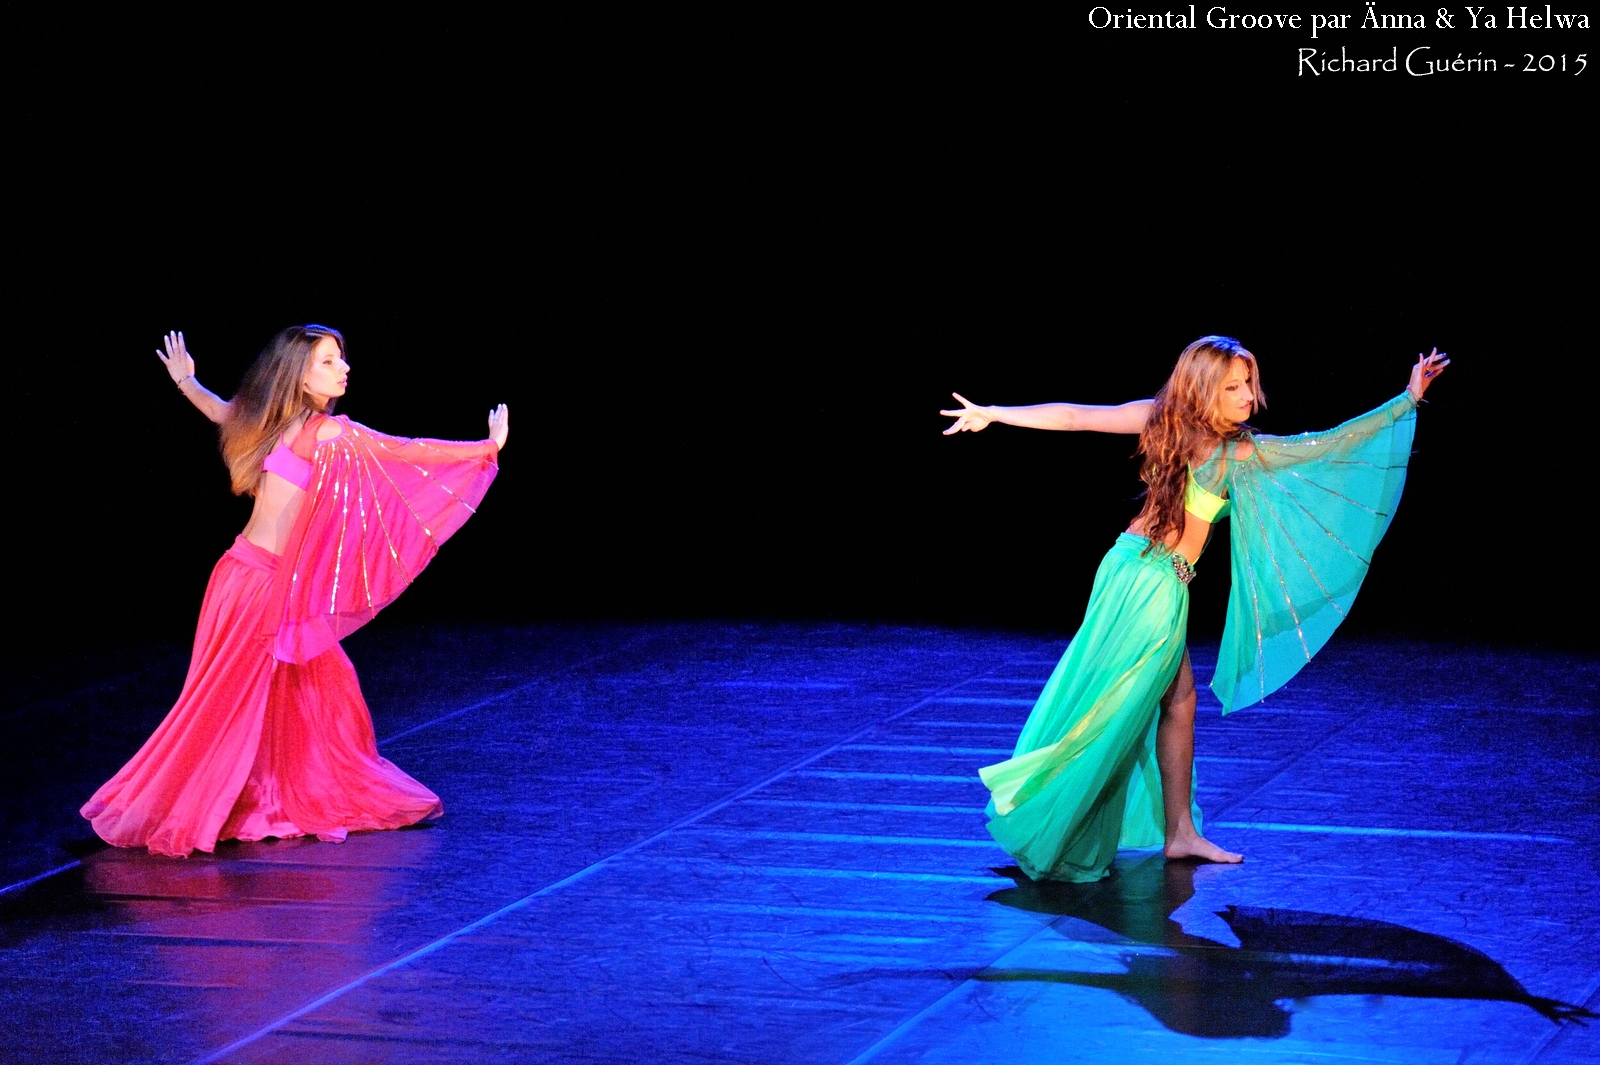 cours de danse orientale à Bordeaux